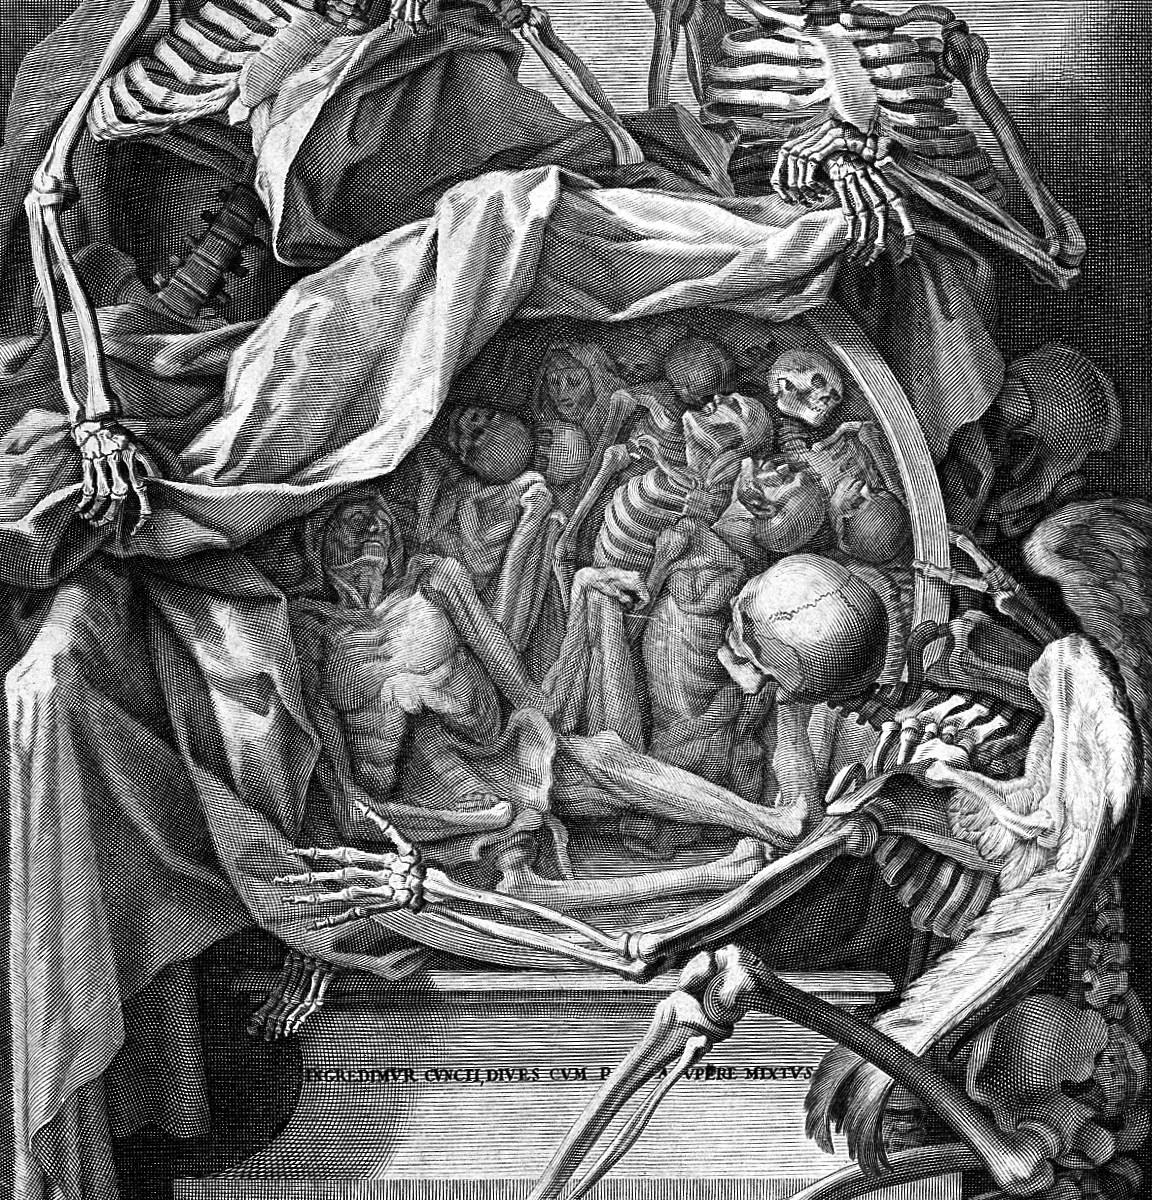 Medieval Drawing of skeletons